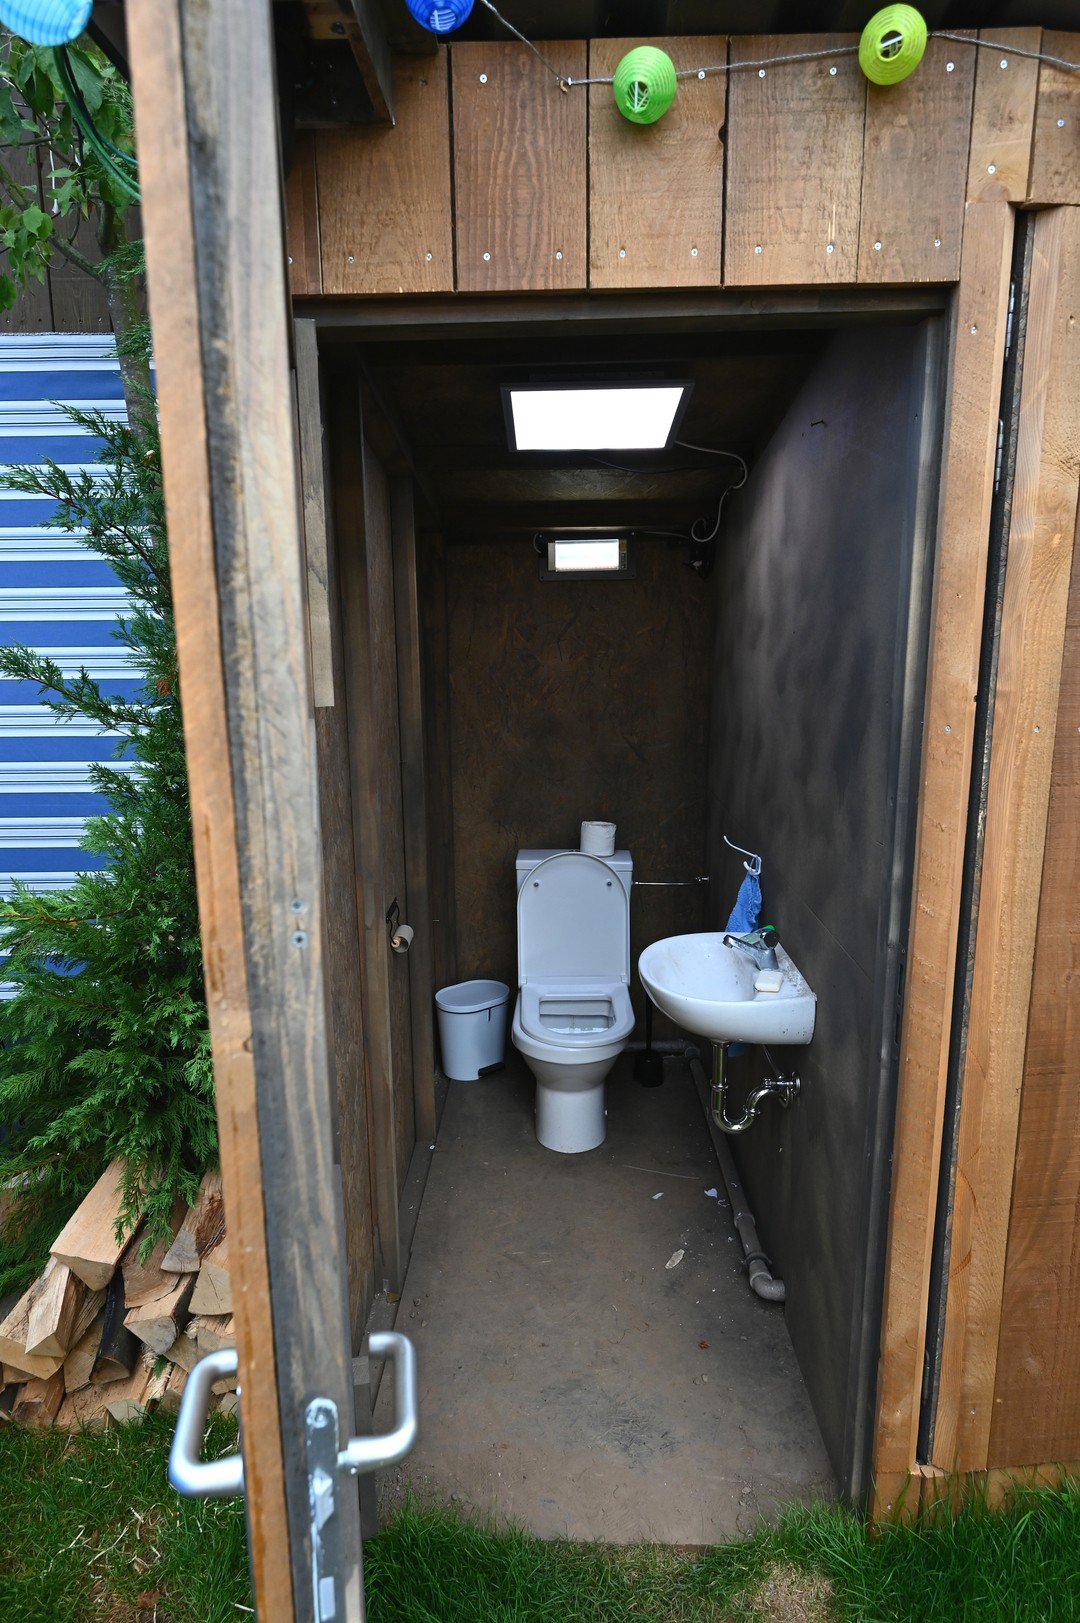 Promi Big Brother: Bilder-Galerie zum Camping-Platz - so hausen die Bewohner - Bild 1 von 17